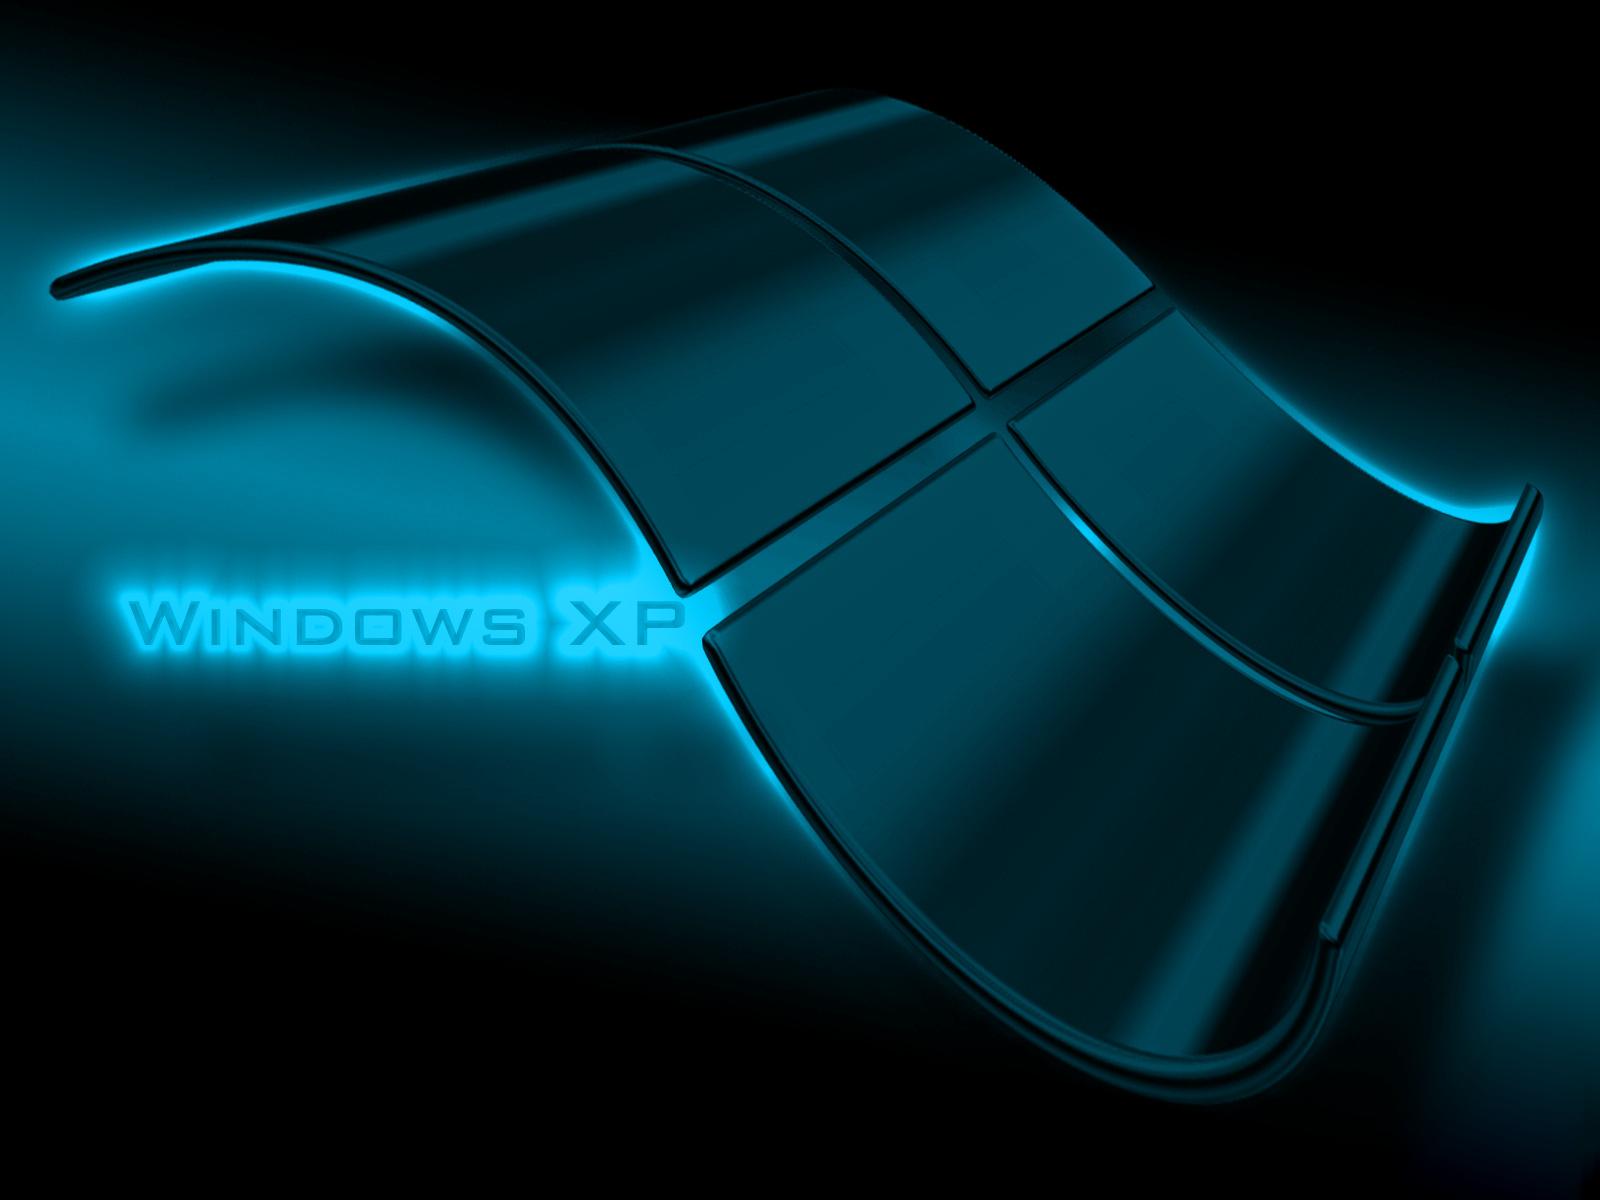 Fondo De Pantalla De Xp En Hd: Fondos De Pantalla HD Para Windows Y Mac +yapa